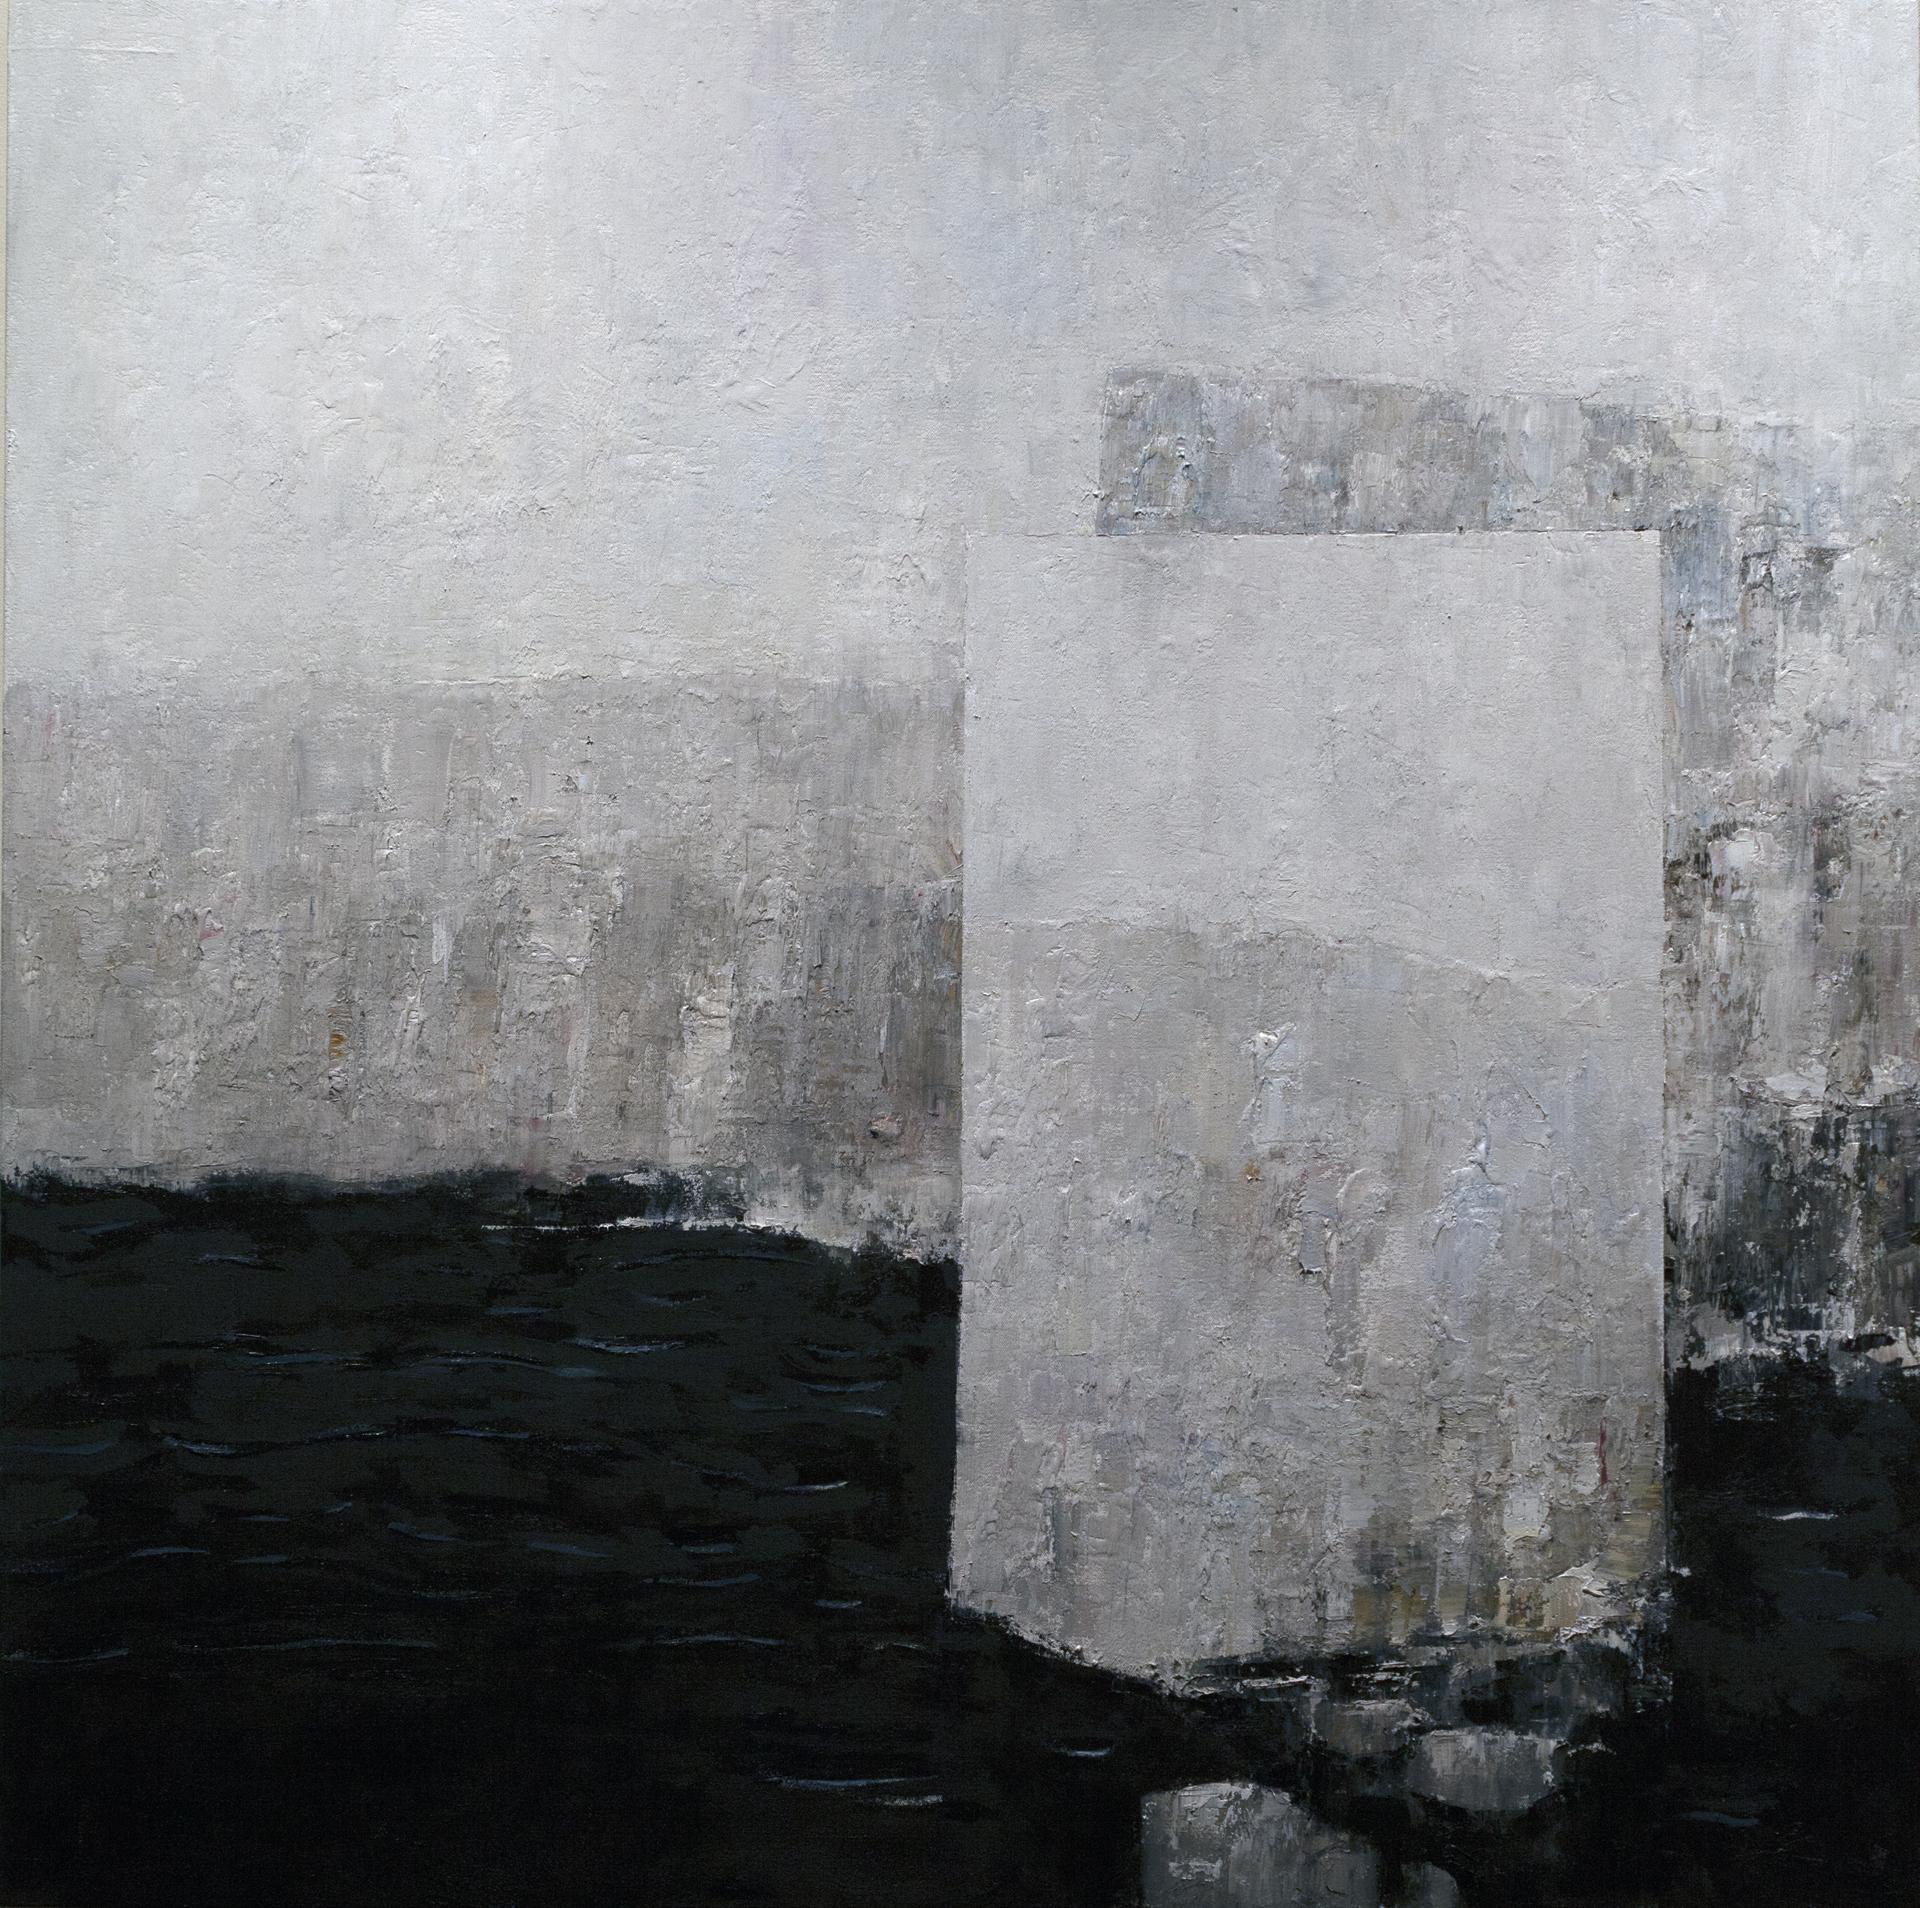 Ice & Rock by Dan McCaw